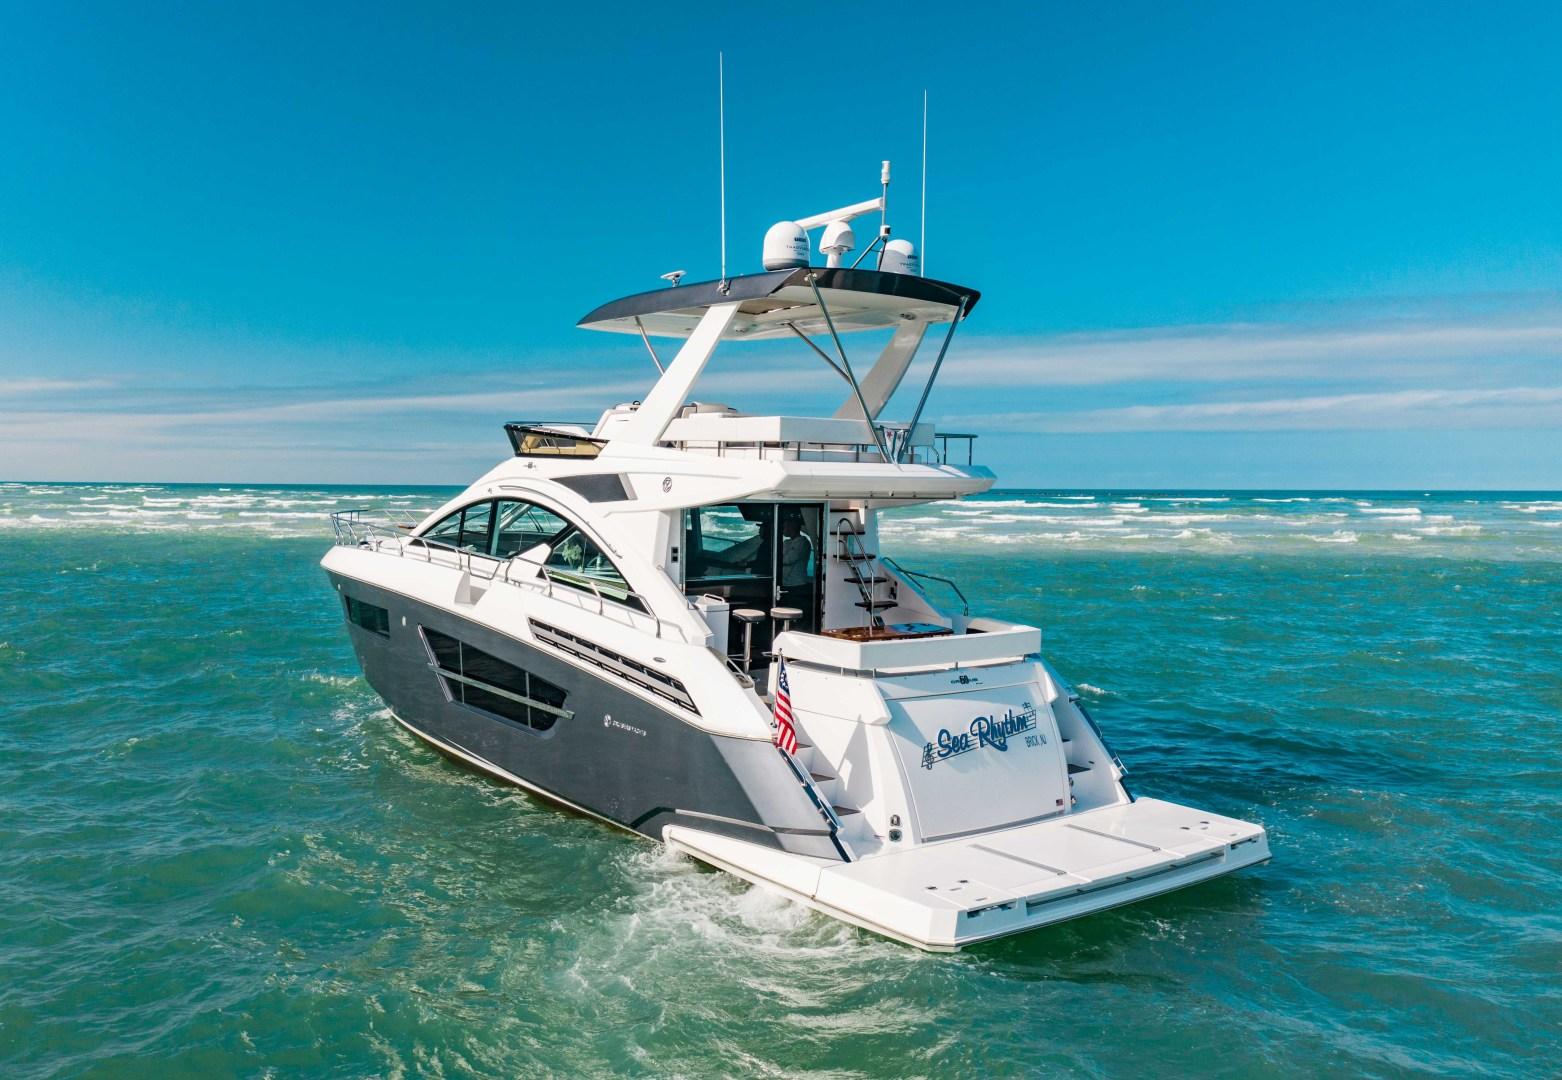 Cruisers-60 Cantius 2018-Sea Rhythm III Anna Maria-Florida-United States-2018 Cruisers 60 Cantius FB  Sea Rhythm III  Port Profile-1583323 | Thumbnail